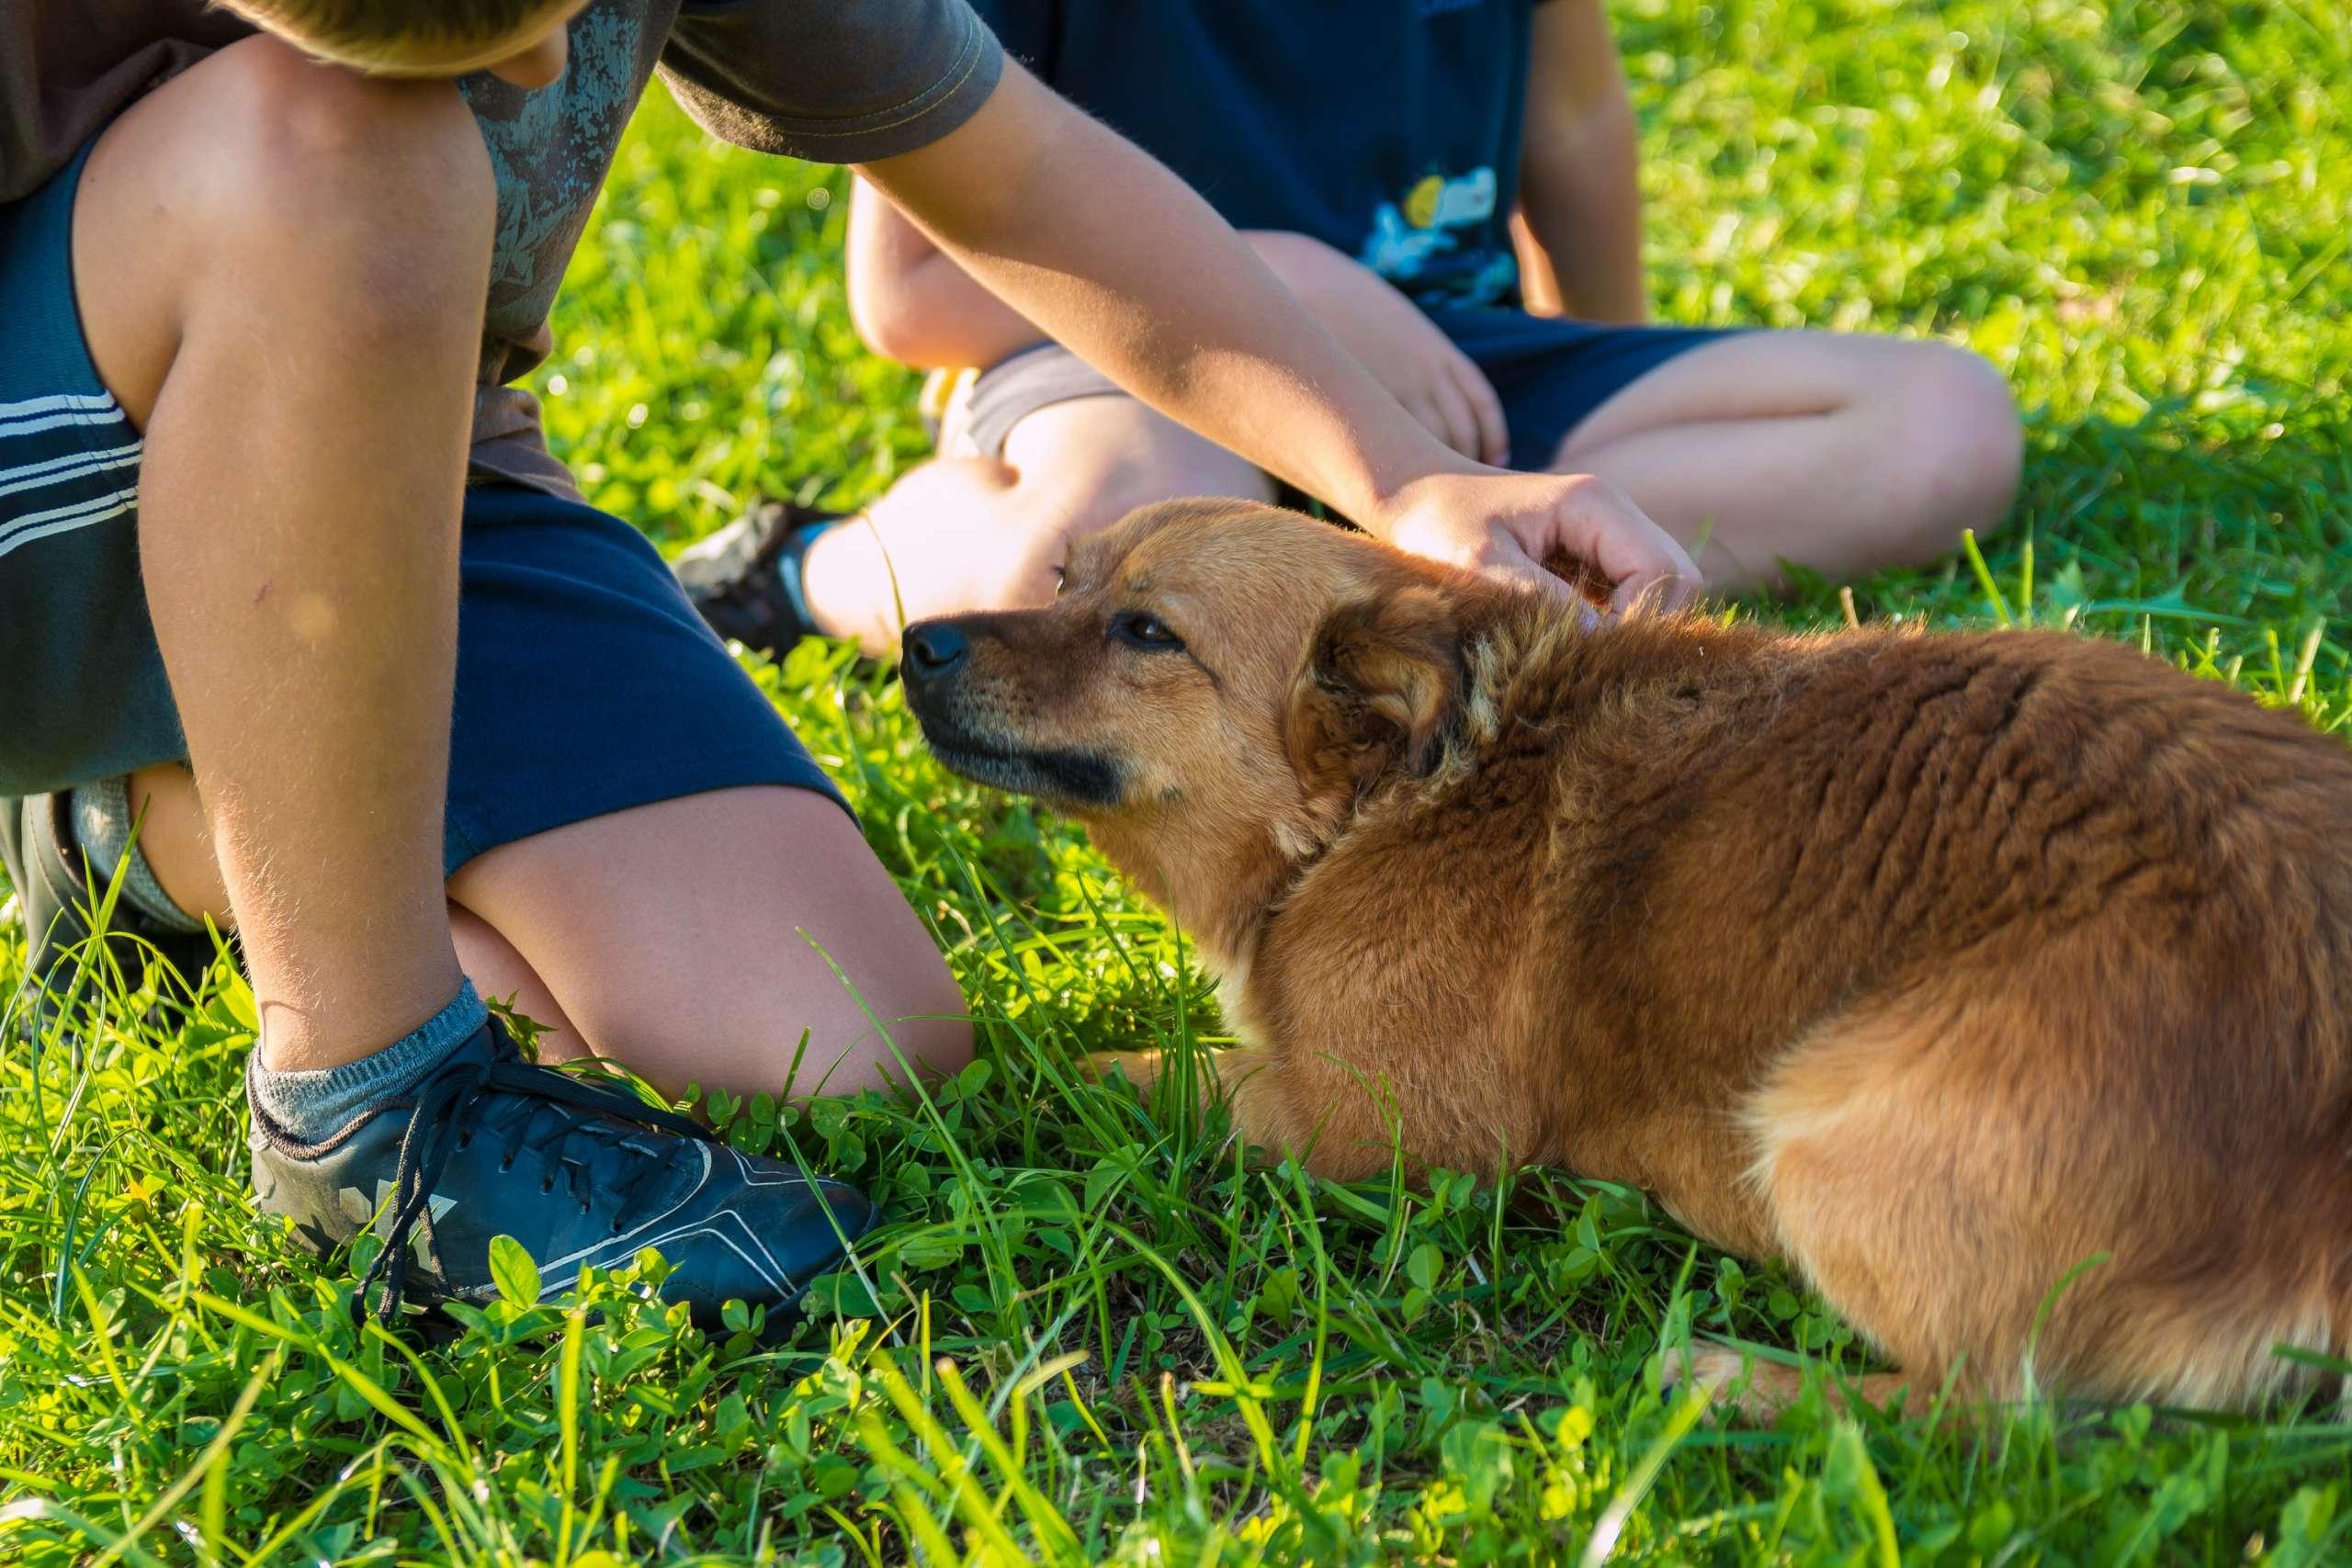 bambini accarezzano cane sul prato